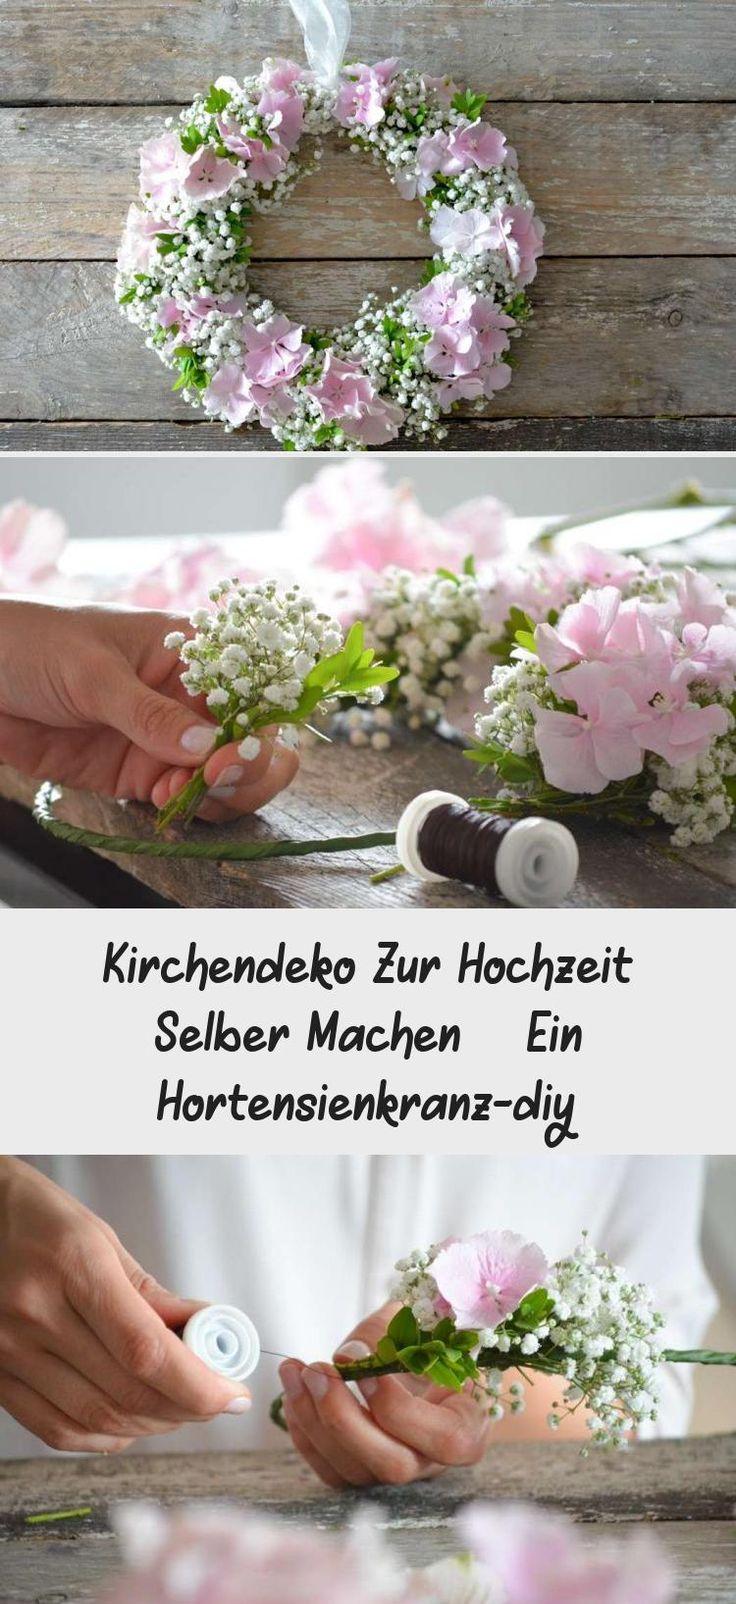 Kirchendekorationen zur Hochzeit – ein Hortensiekranz diy   – Brautfrisuren